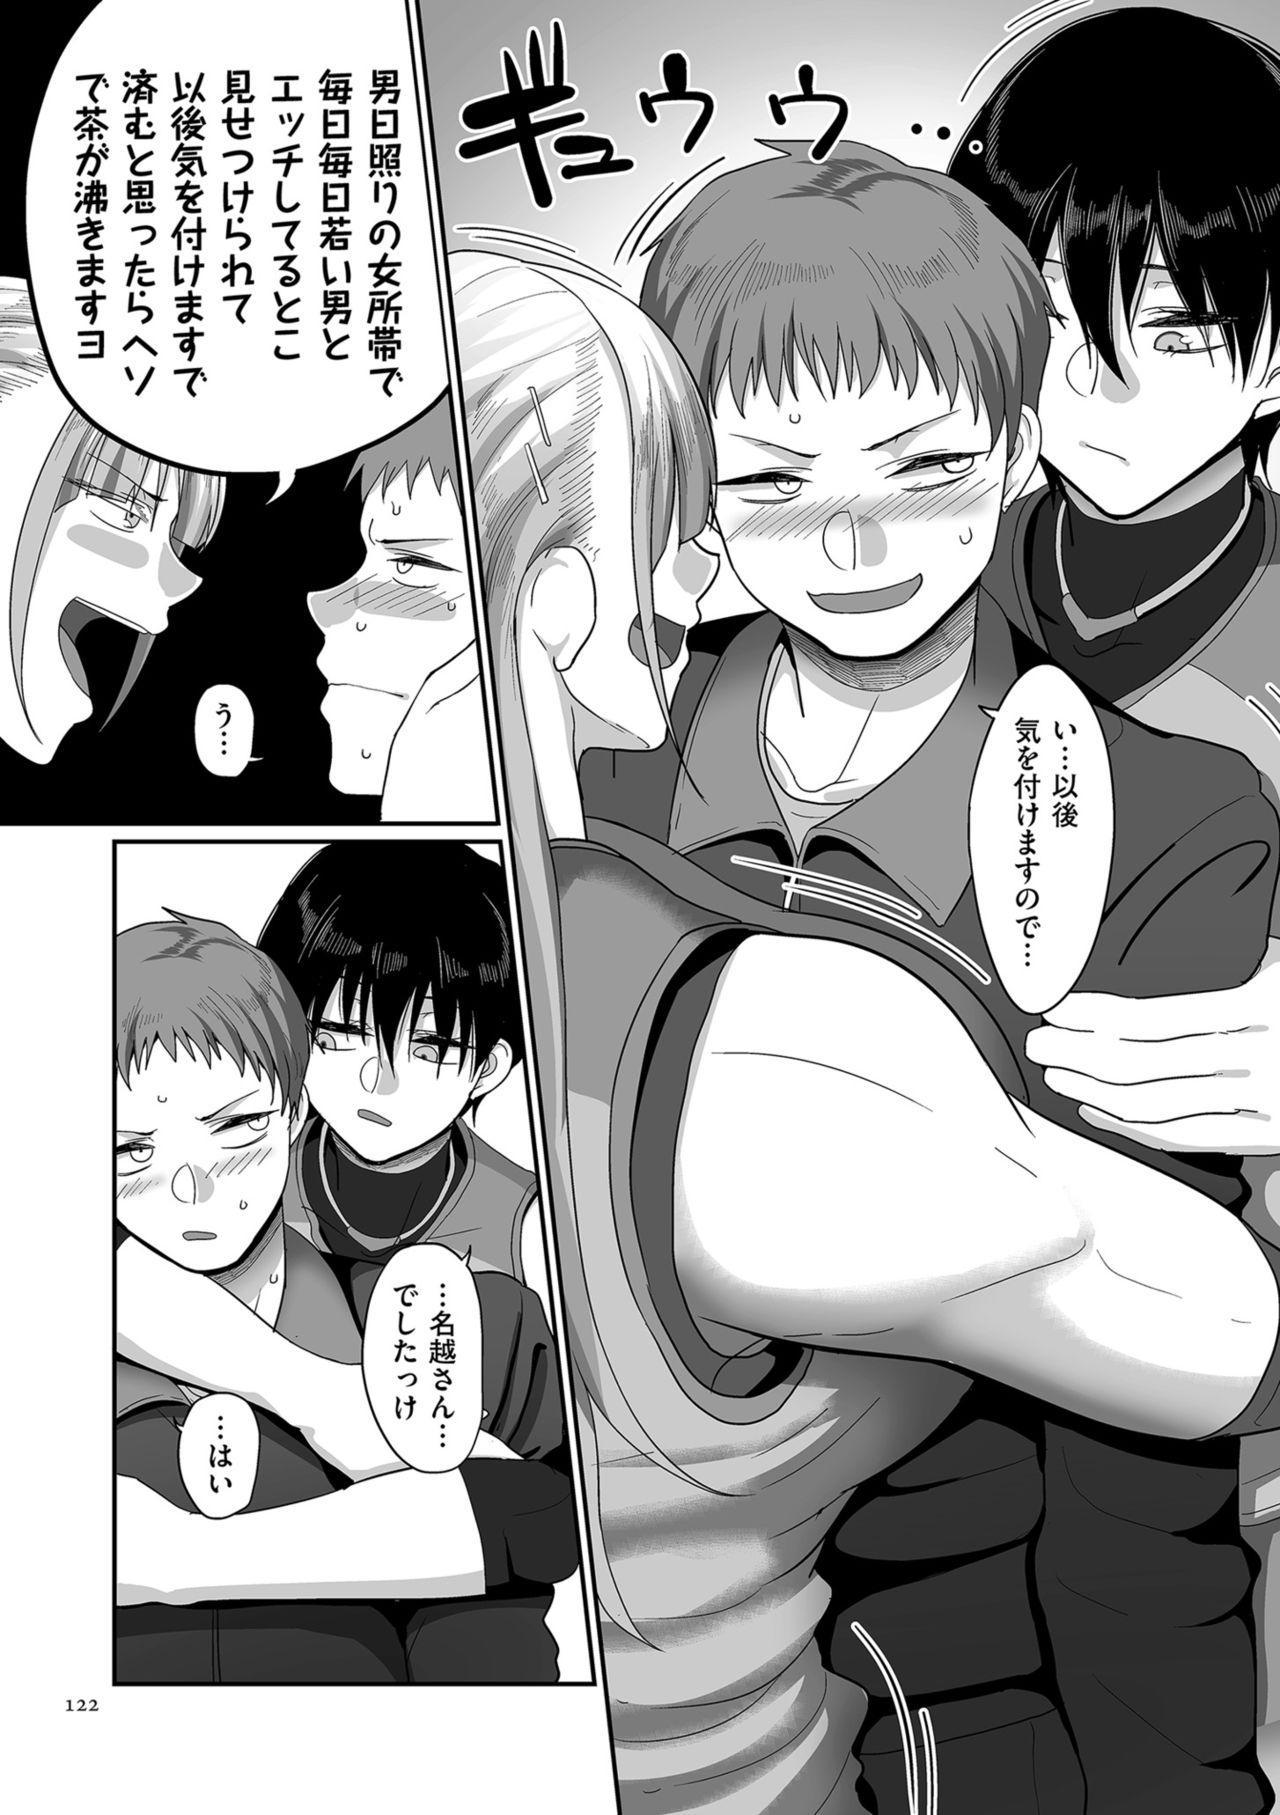 [Yamamoto Zenzen] S-ken K-shi Shakaijin Joshi Volleyball Circle no Jijou [Digital] 121